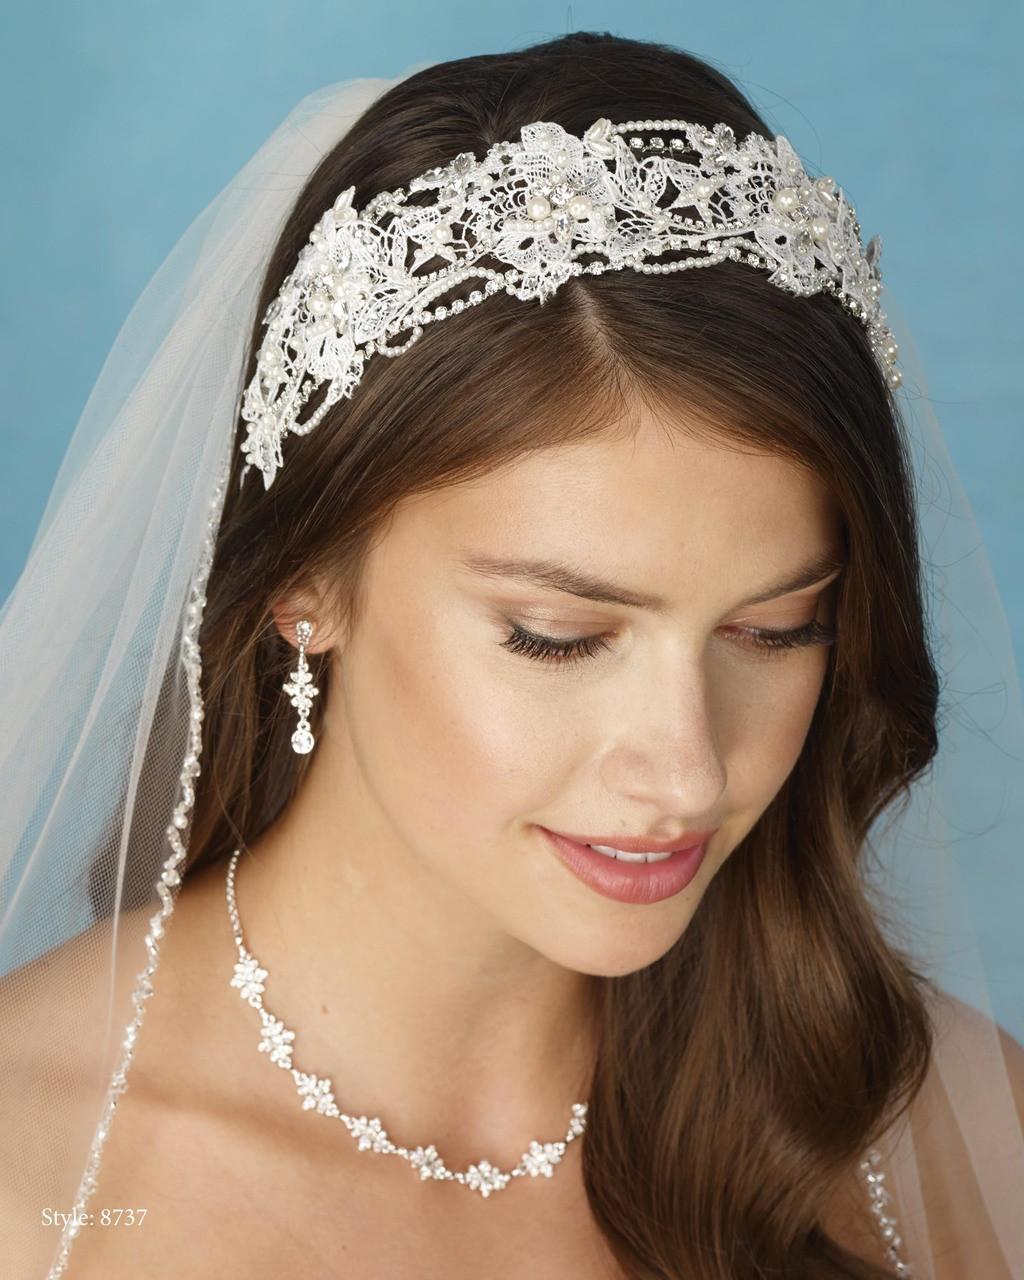 Marionat Bridal Headpieces 8737